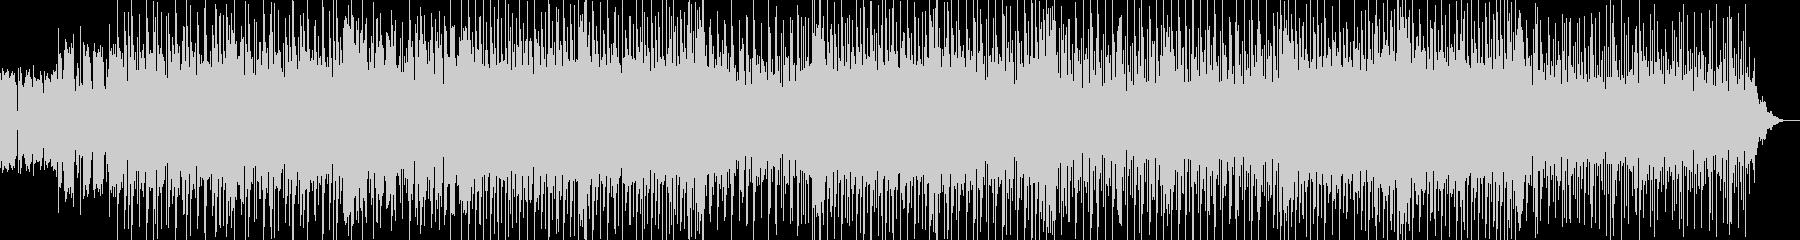 ハウスっぽいリズムとノリのカッコイ曲の未再生の波形